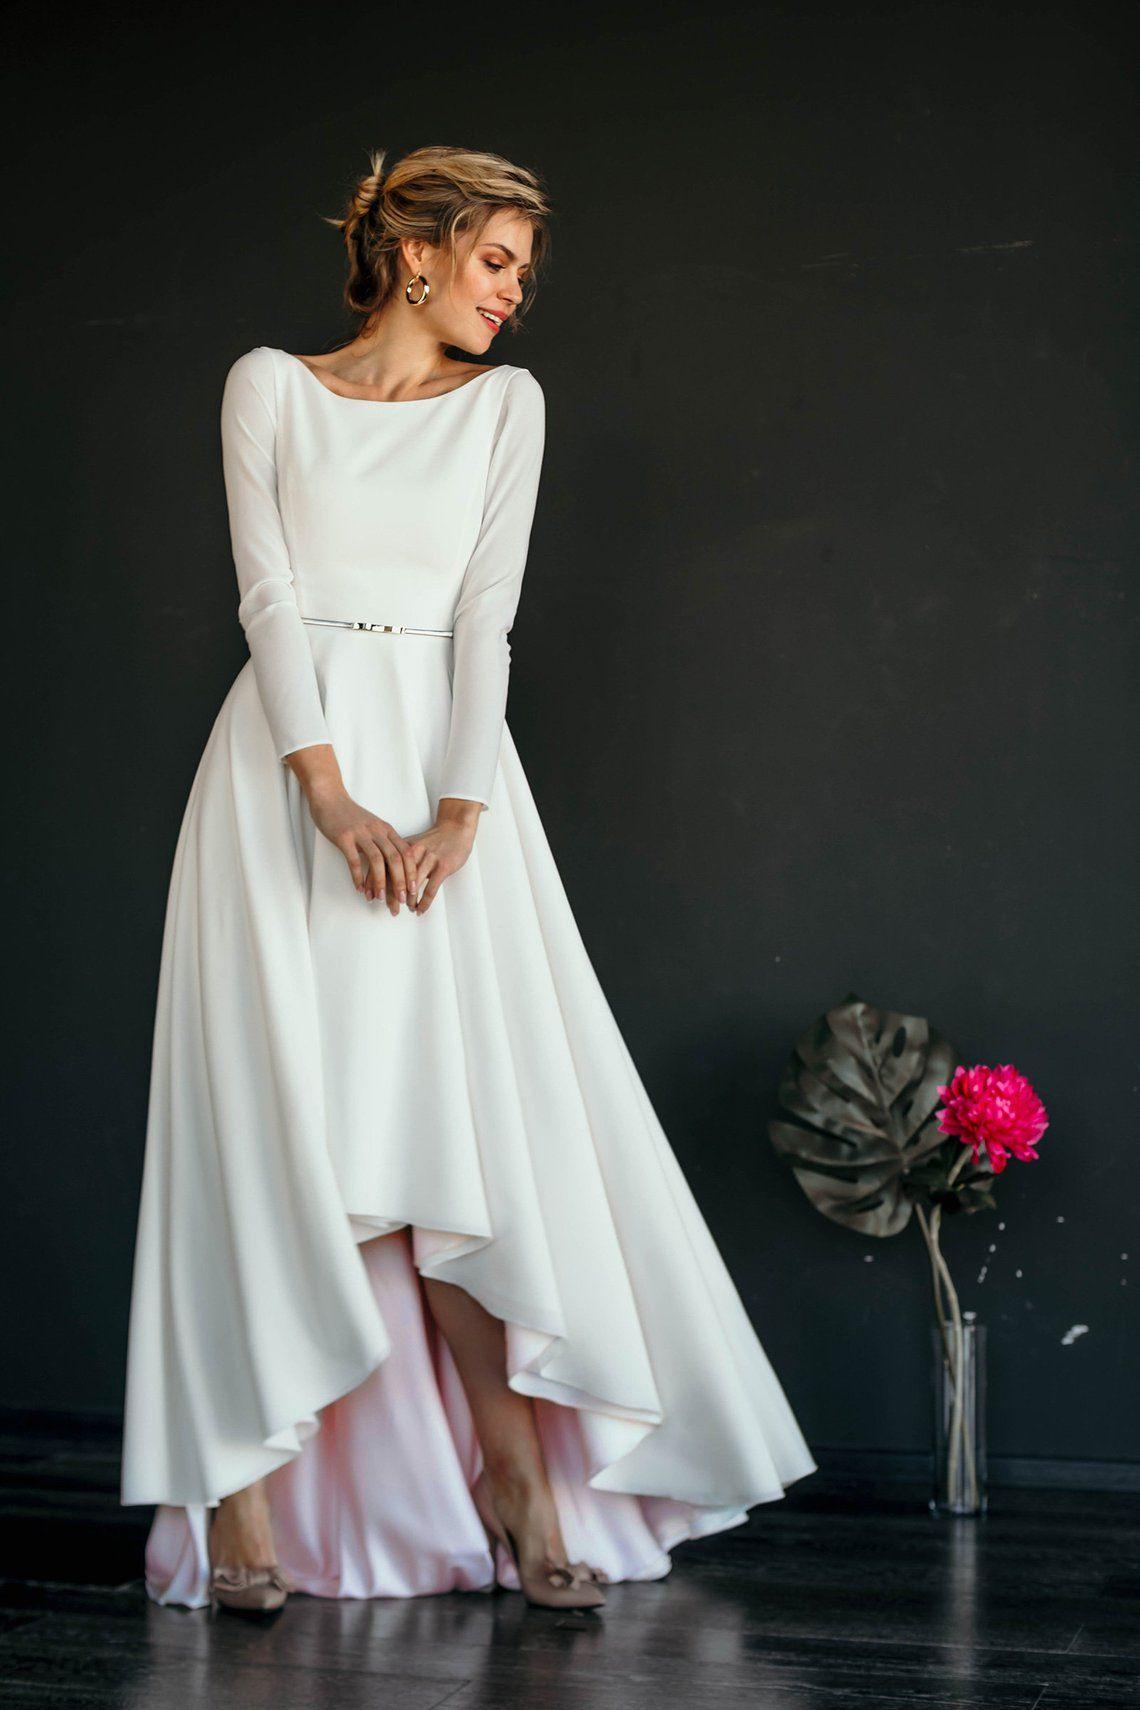 10 Schön Kleider Mit Ärmel Für Hochzeit BoutiqueFormal Kreativ Kleider Mit Ärmel Für Hochzeit für 2019